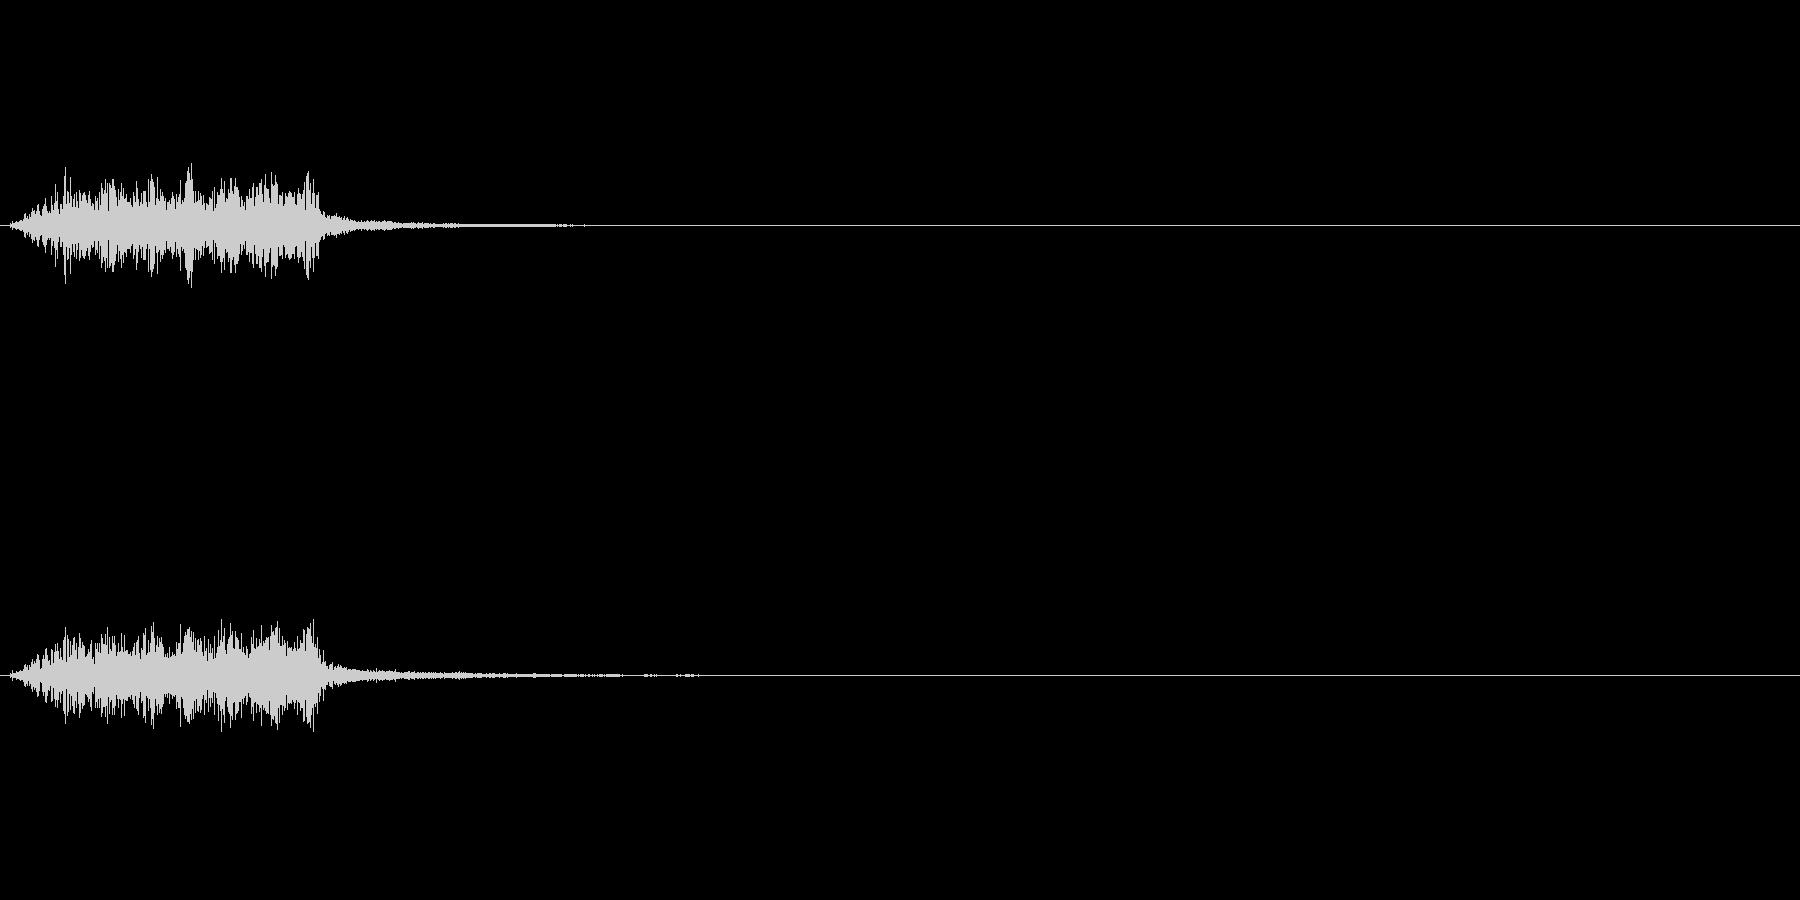 パチンコリーチ演出用上昇音の未再生の波形